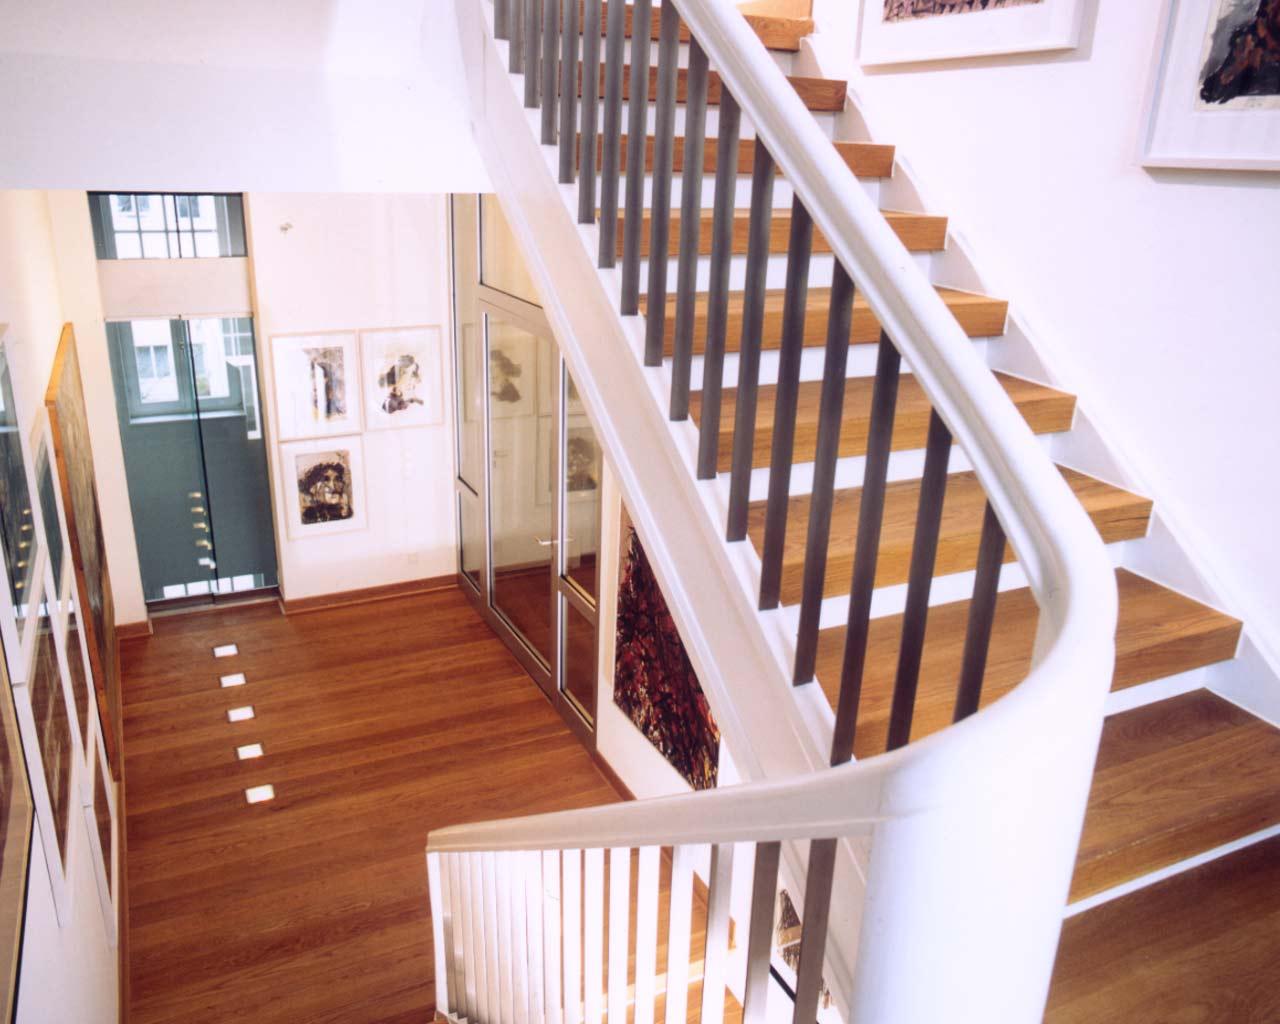 treppenhaus altbau gestaltung treppenhaus altbau ebenfalls treppenhaus renovieren ideen zum. Black Bedroom Furniture Sets. Home Design Ideas